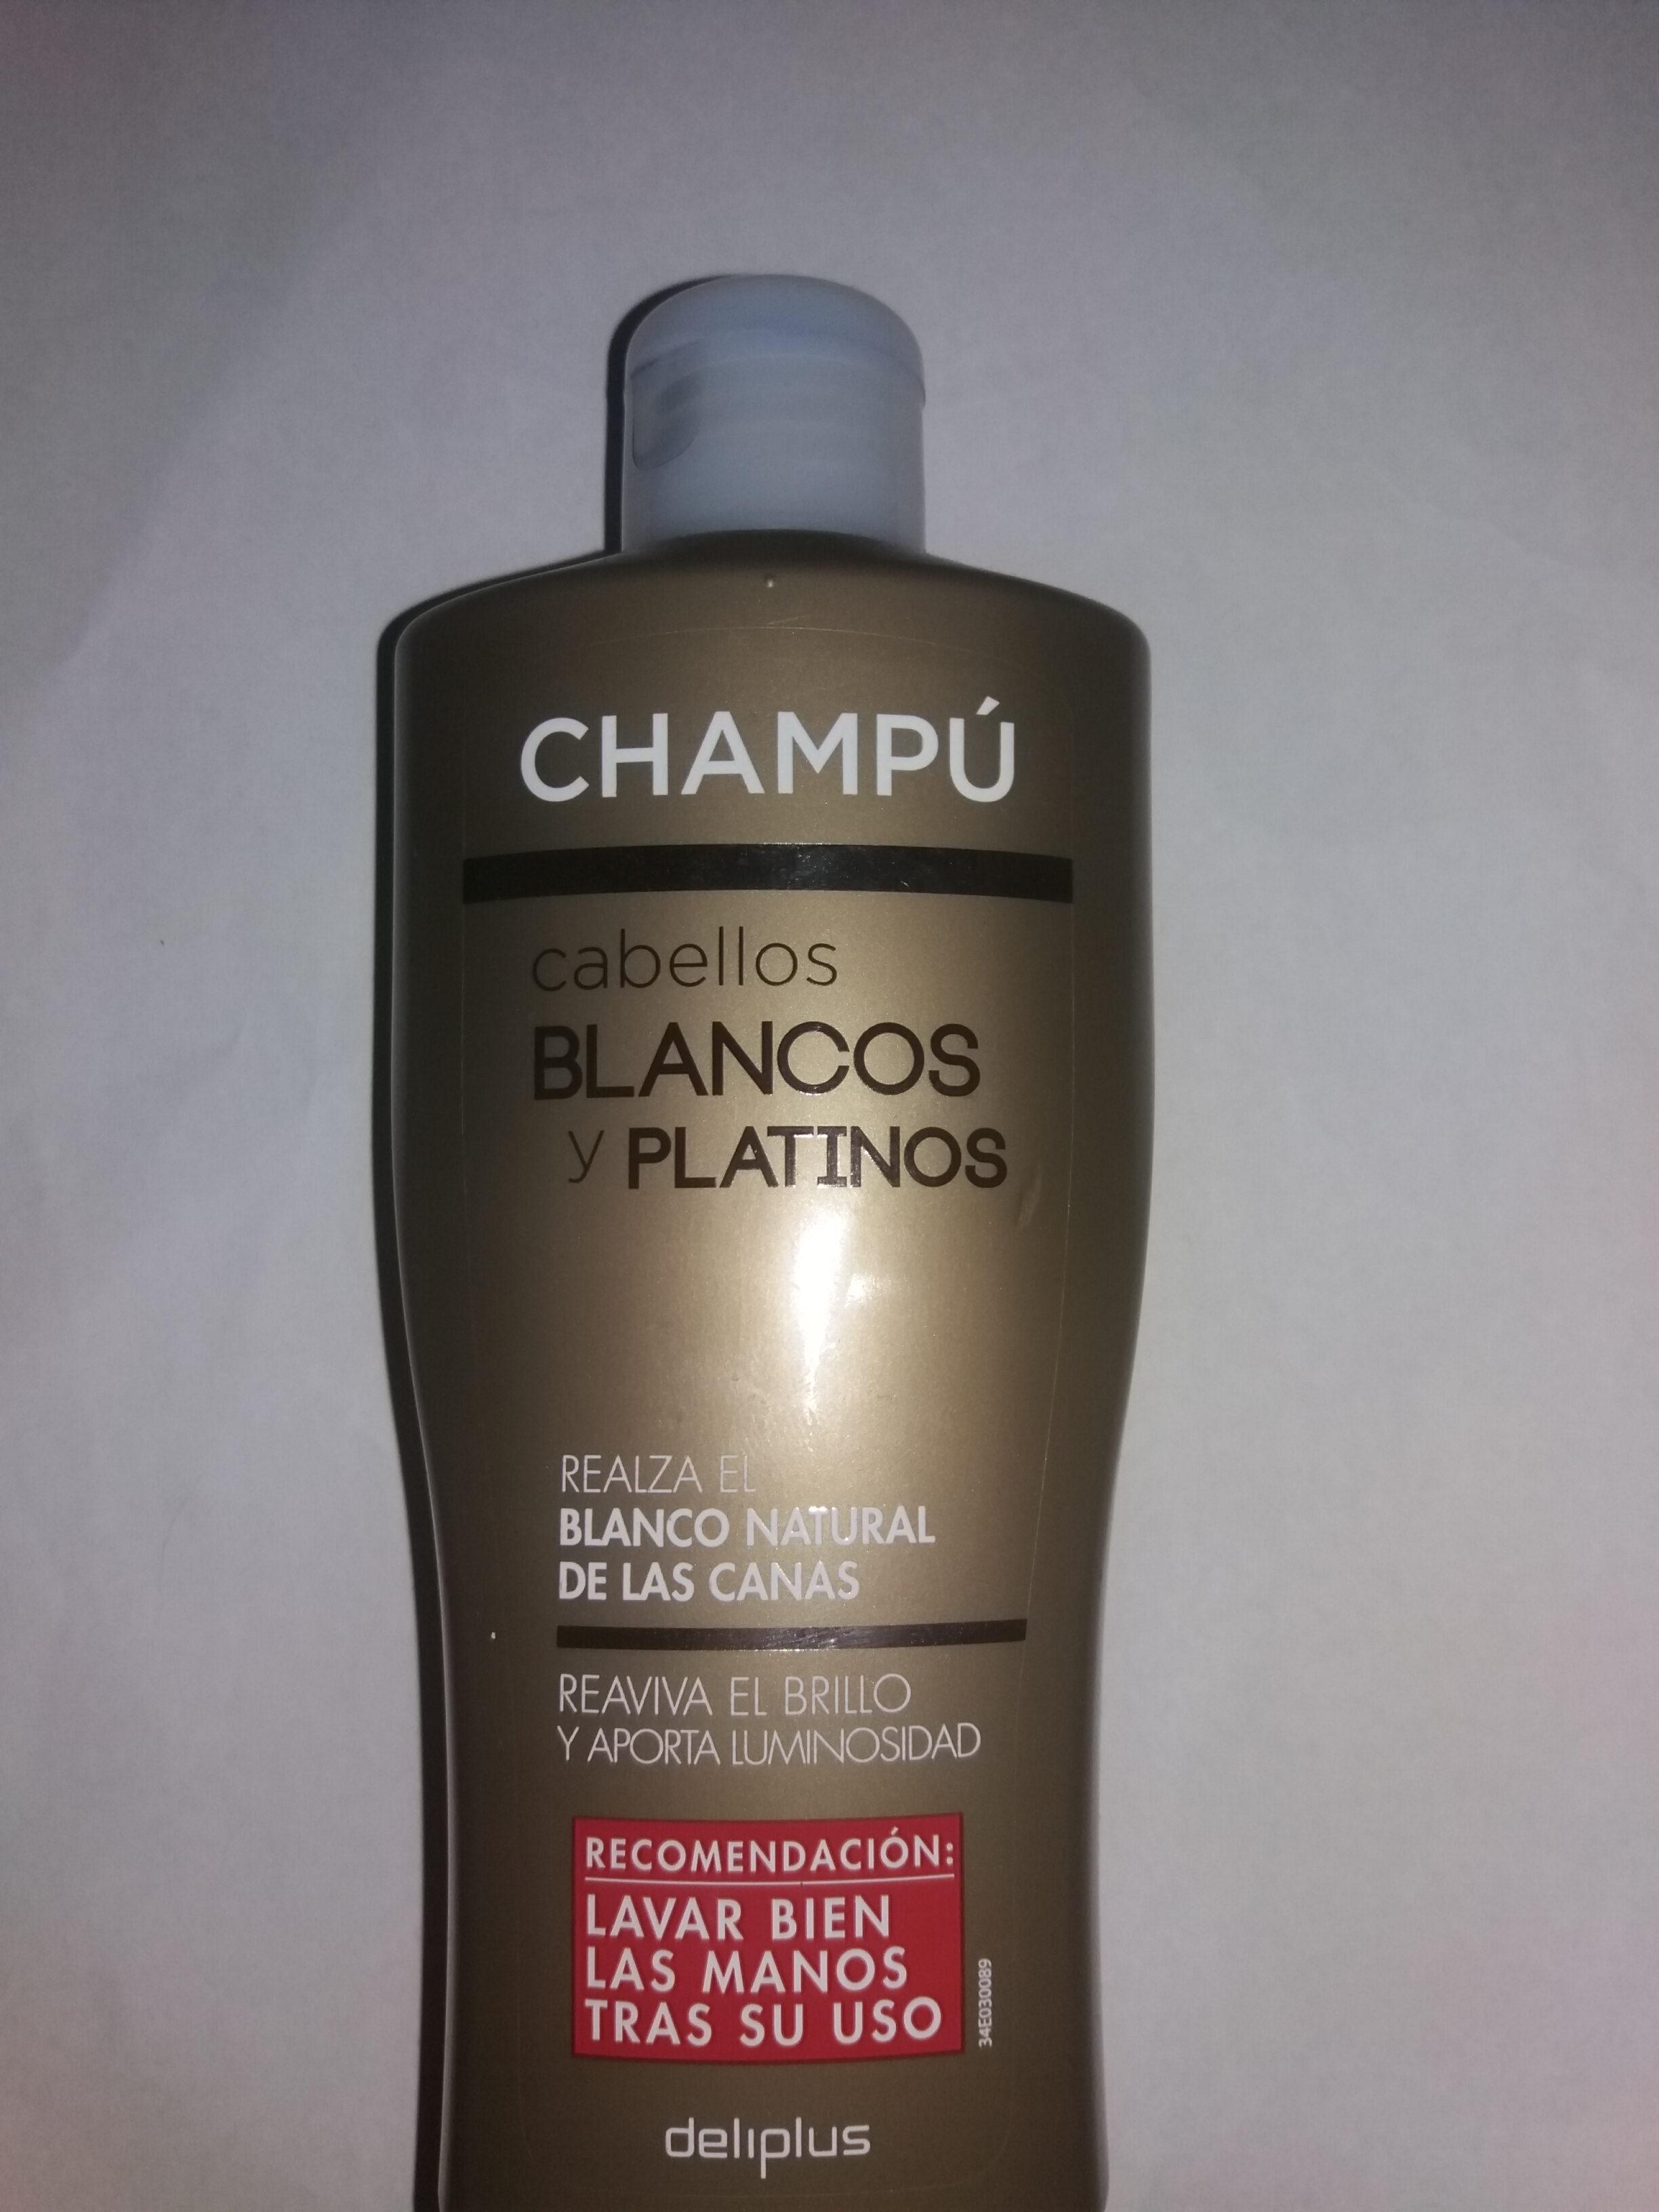 Champú Cabellos Blancos y Platinos - Product - es